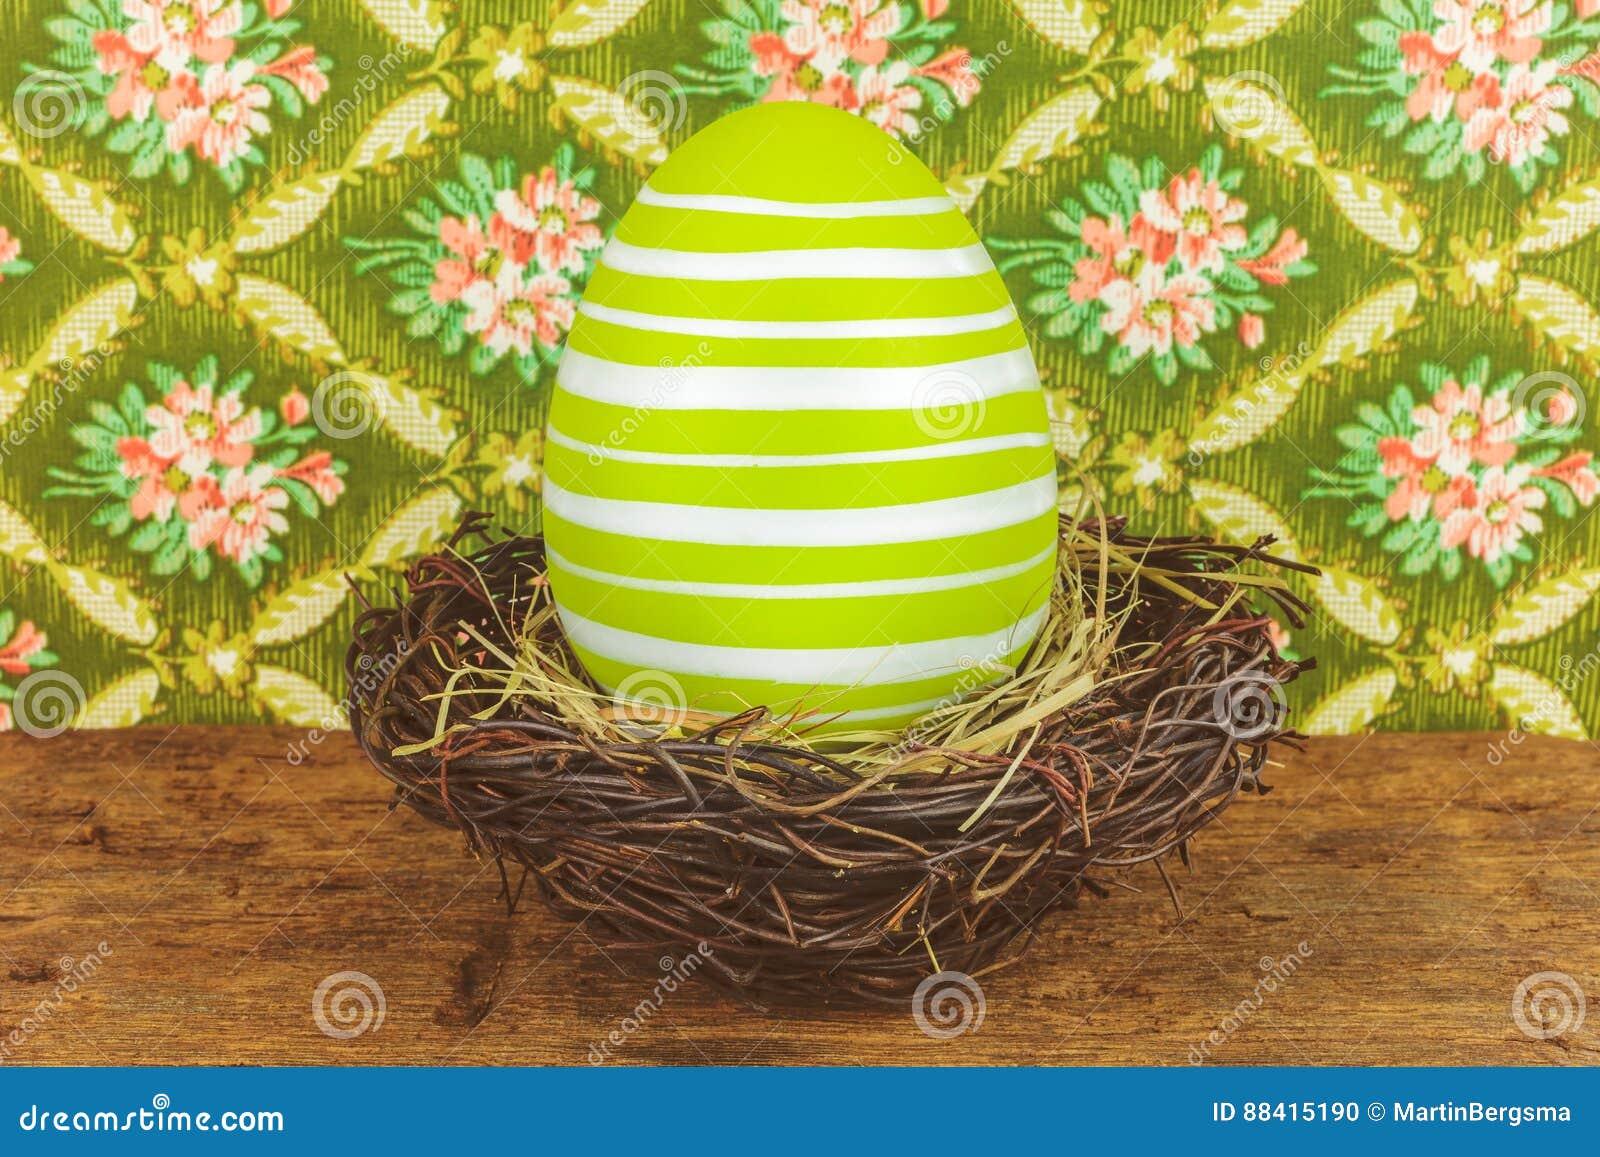 绿色洗染了在鸟巢的大复活节彩蛋在一张木桌上